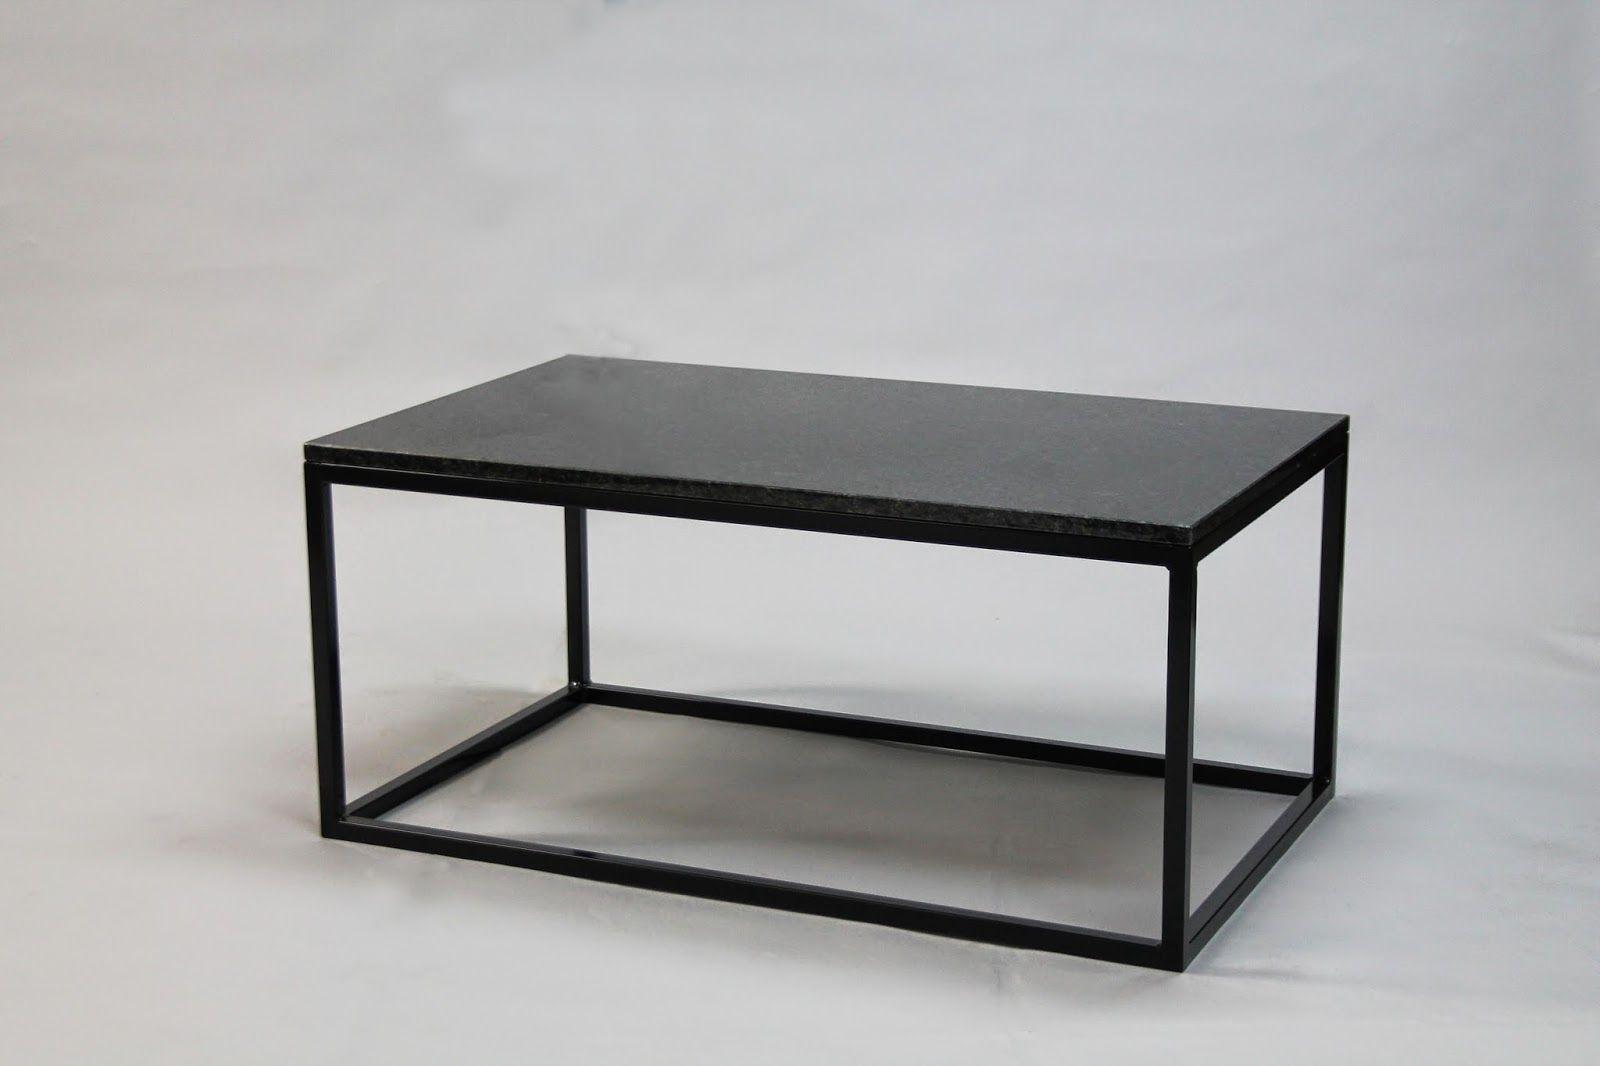 betong soffbord Sök på Google Saker till vardagsrummet Soffbord, Matbord och Kaffebord